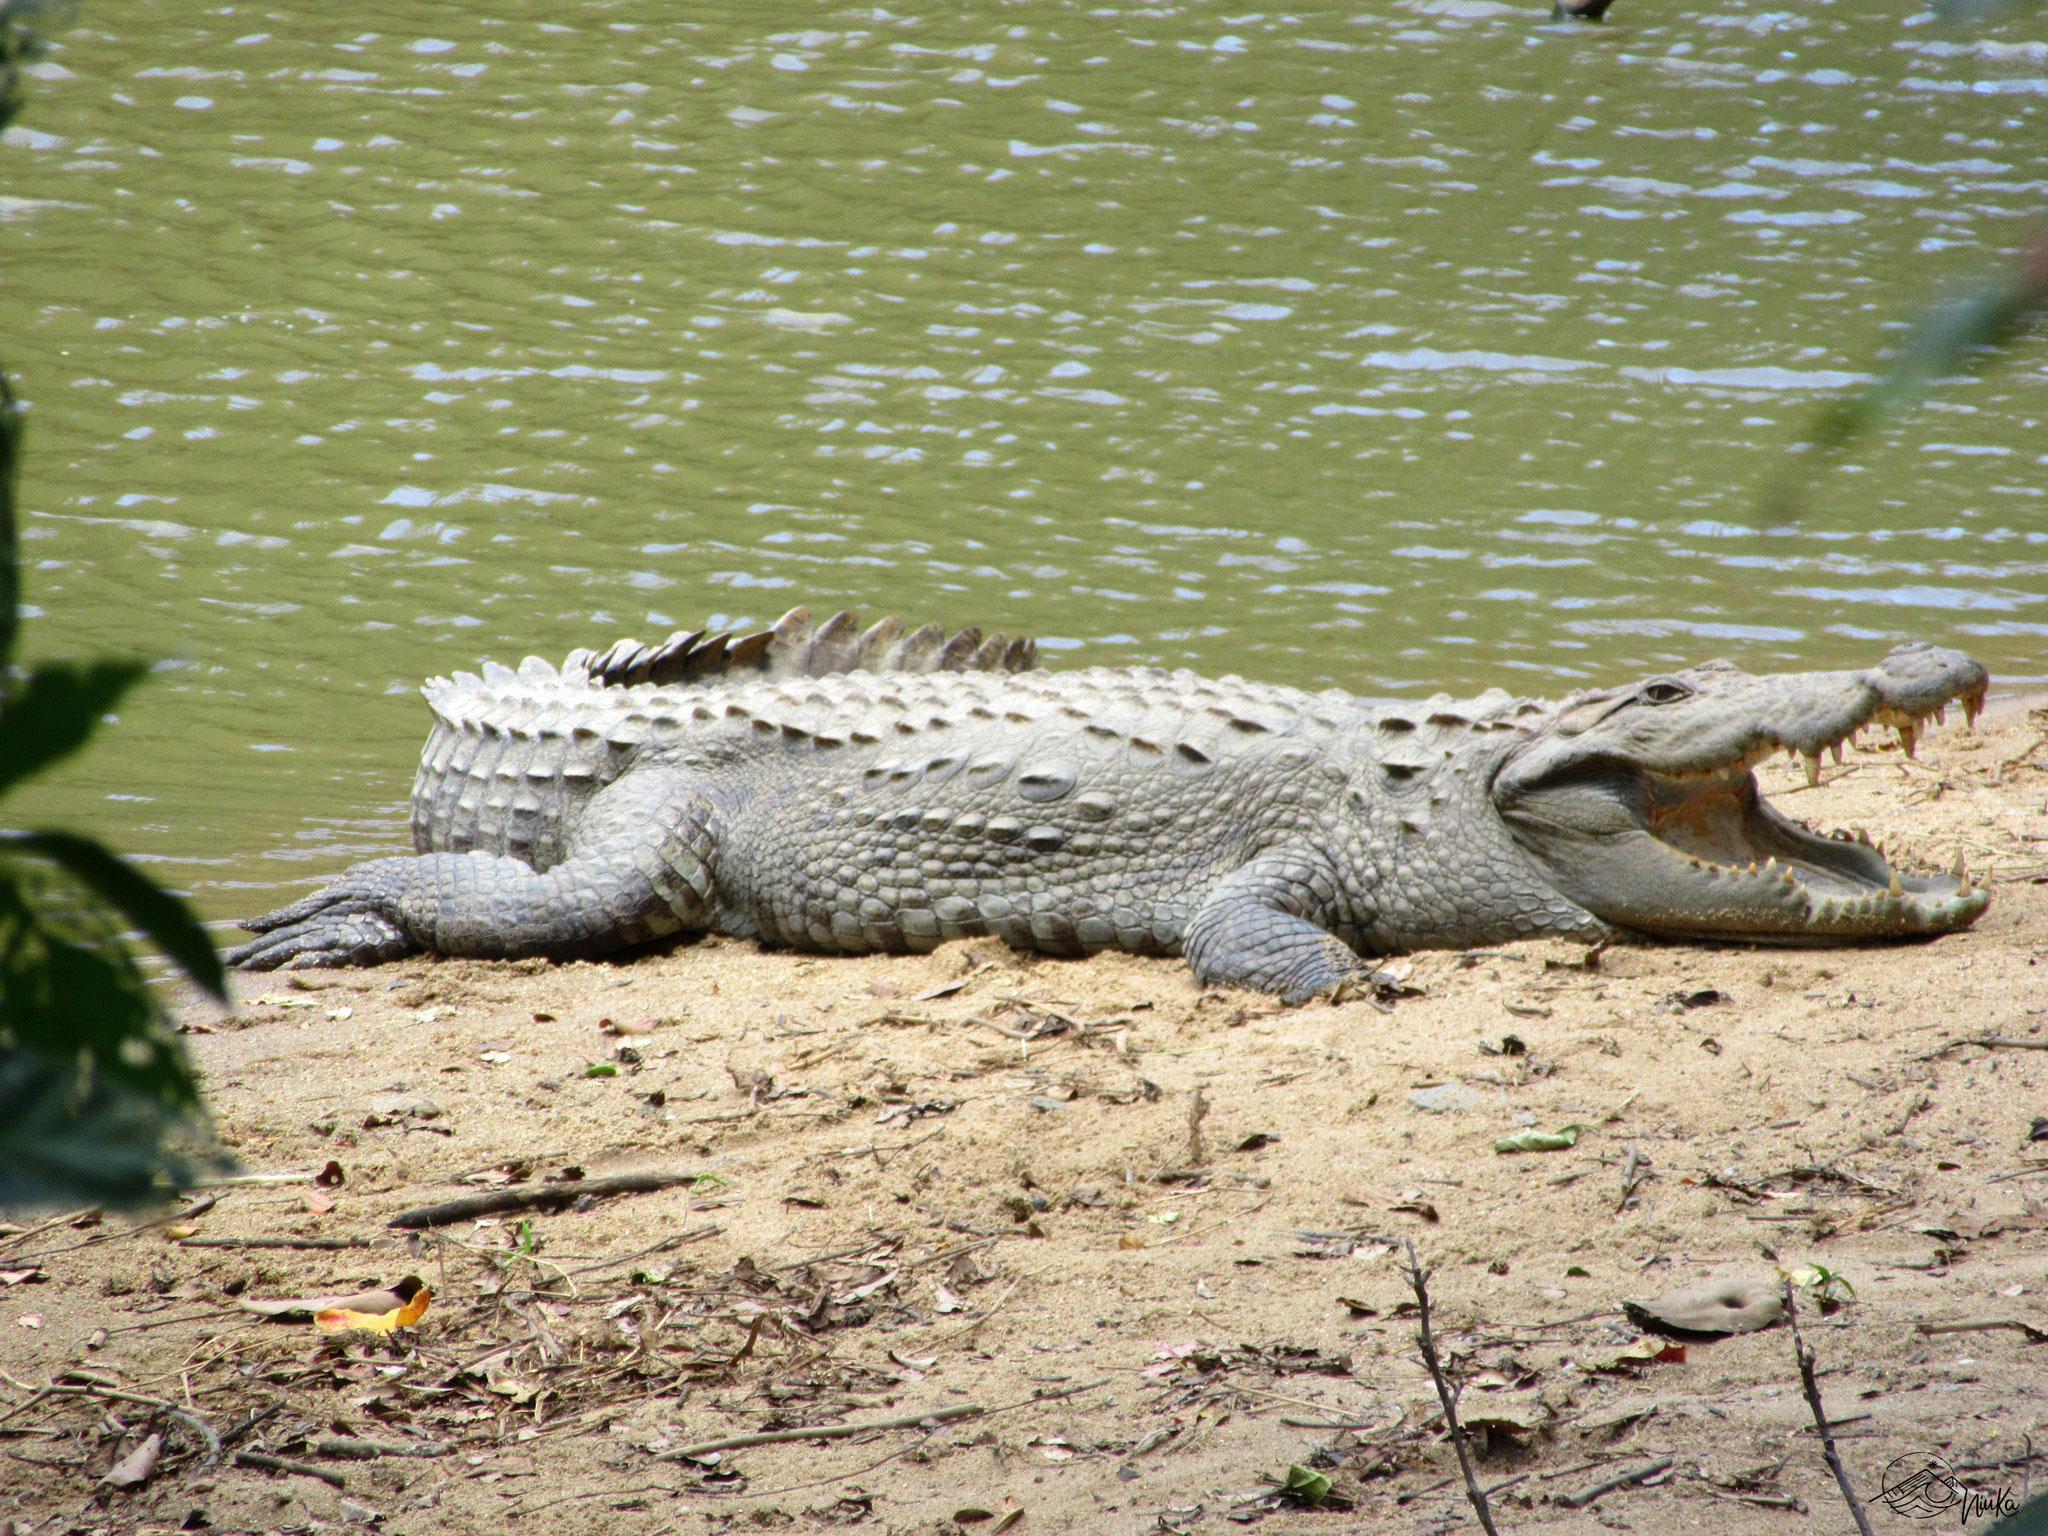 Crocodile in the wild